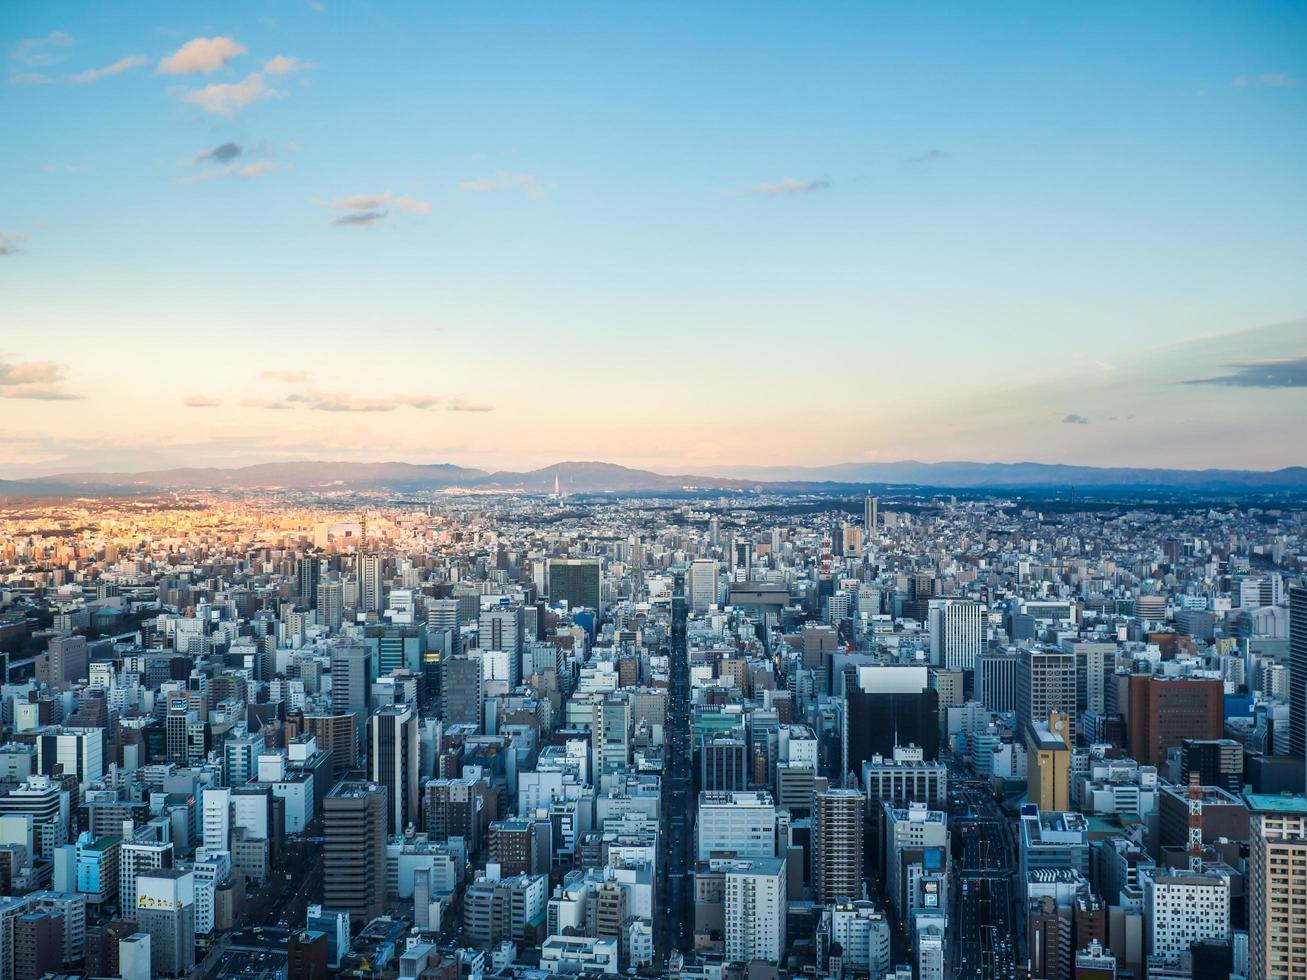 vista aerea della città di nagoya in Giappone foto